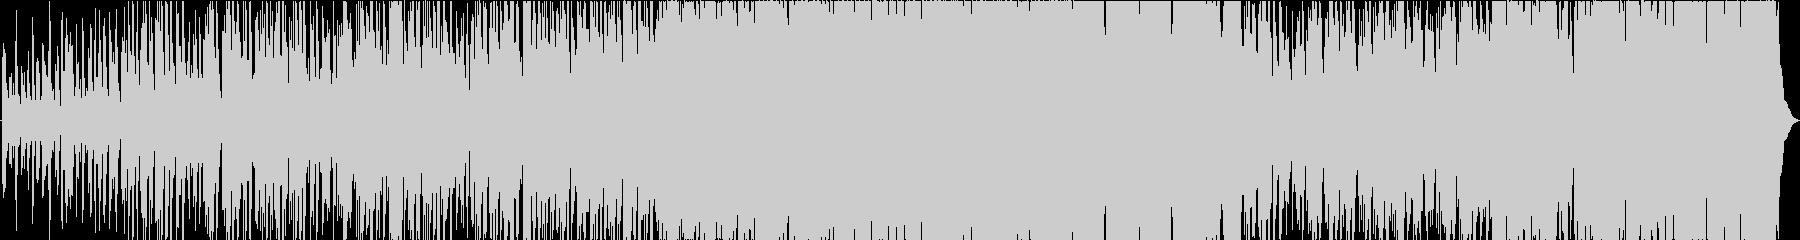 ミステリアスなムードから始まり、よ...の未再生の波形